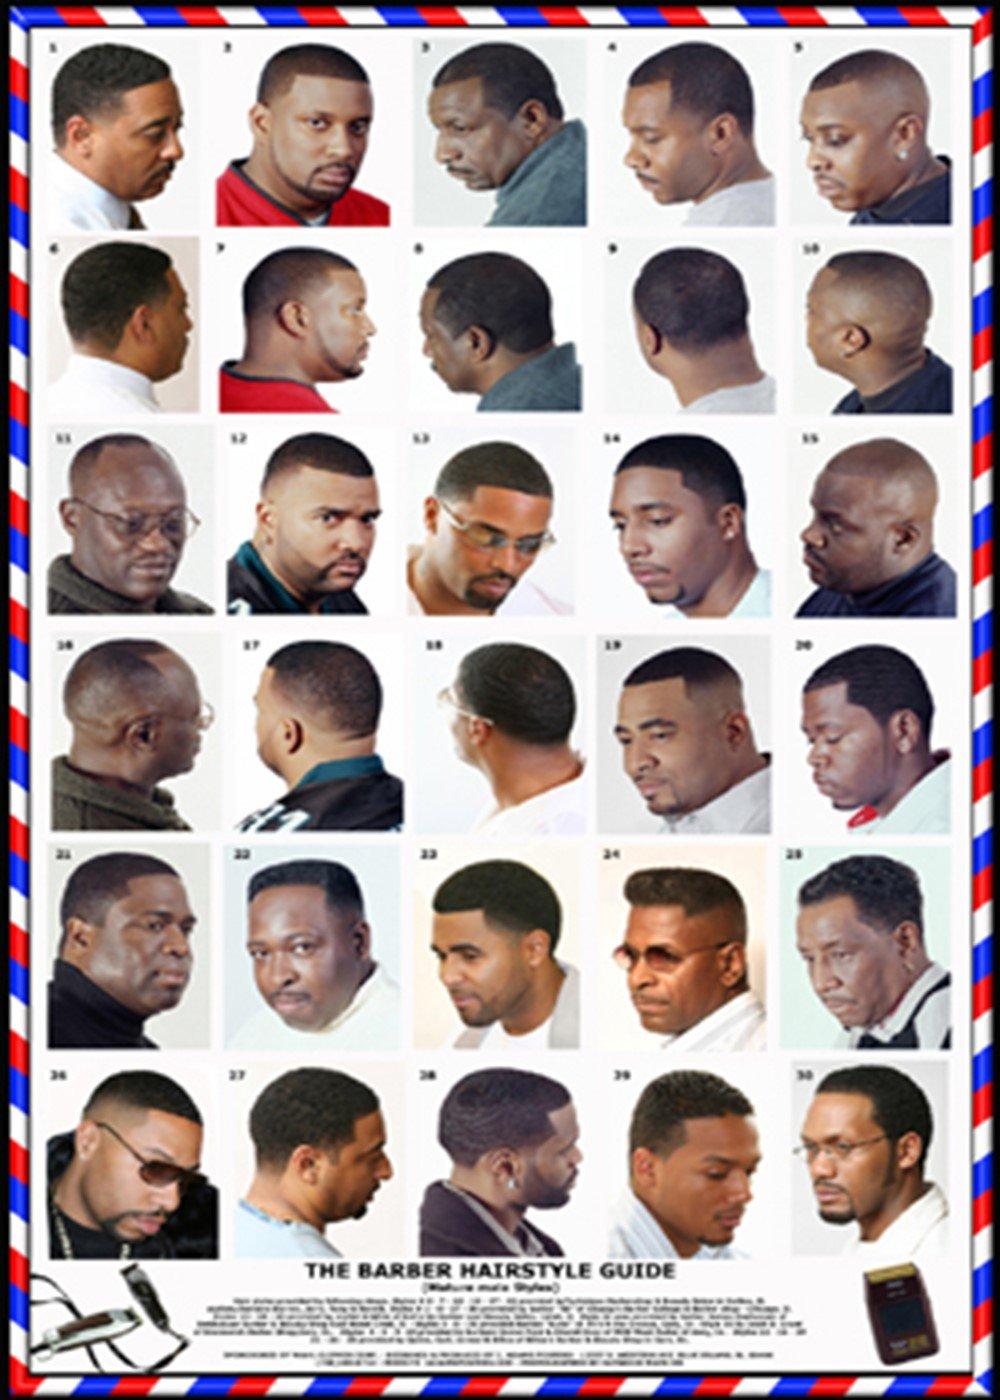 Black Men Barber Guide Basic Instruction Manual